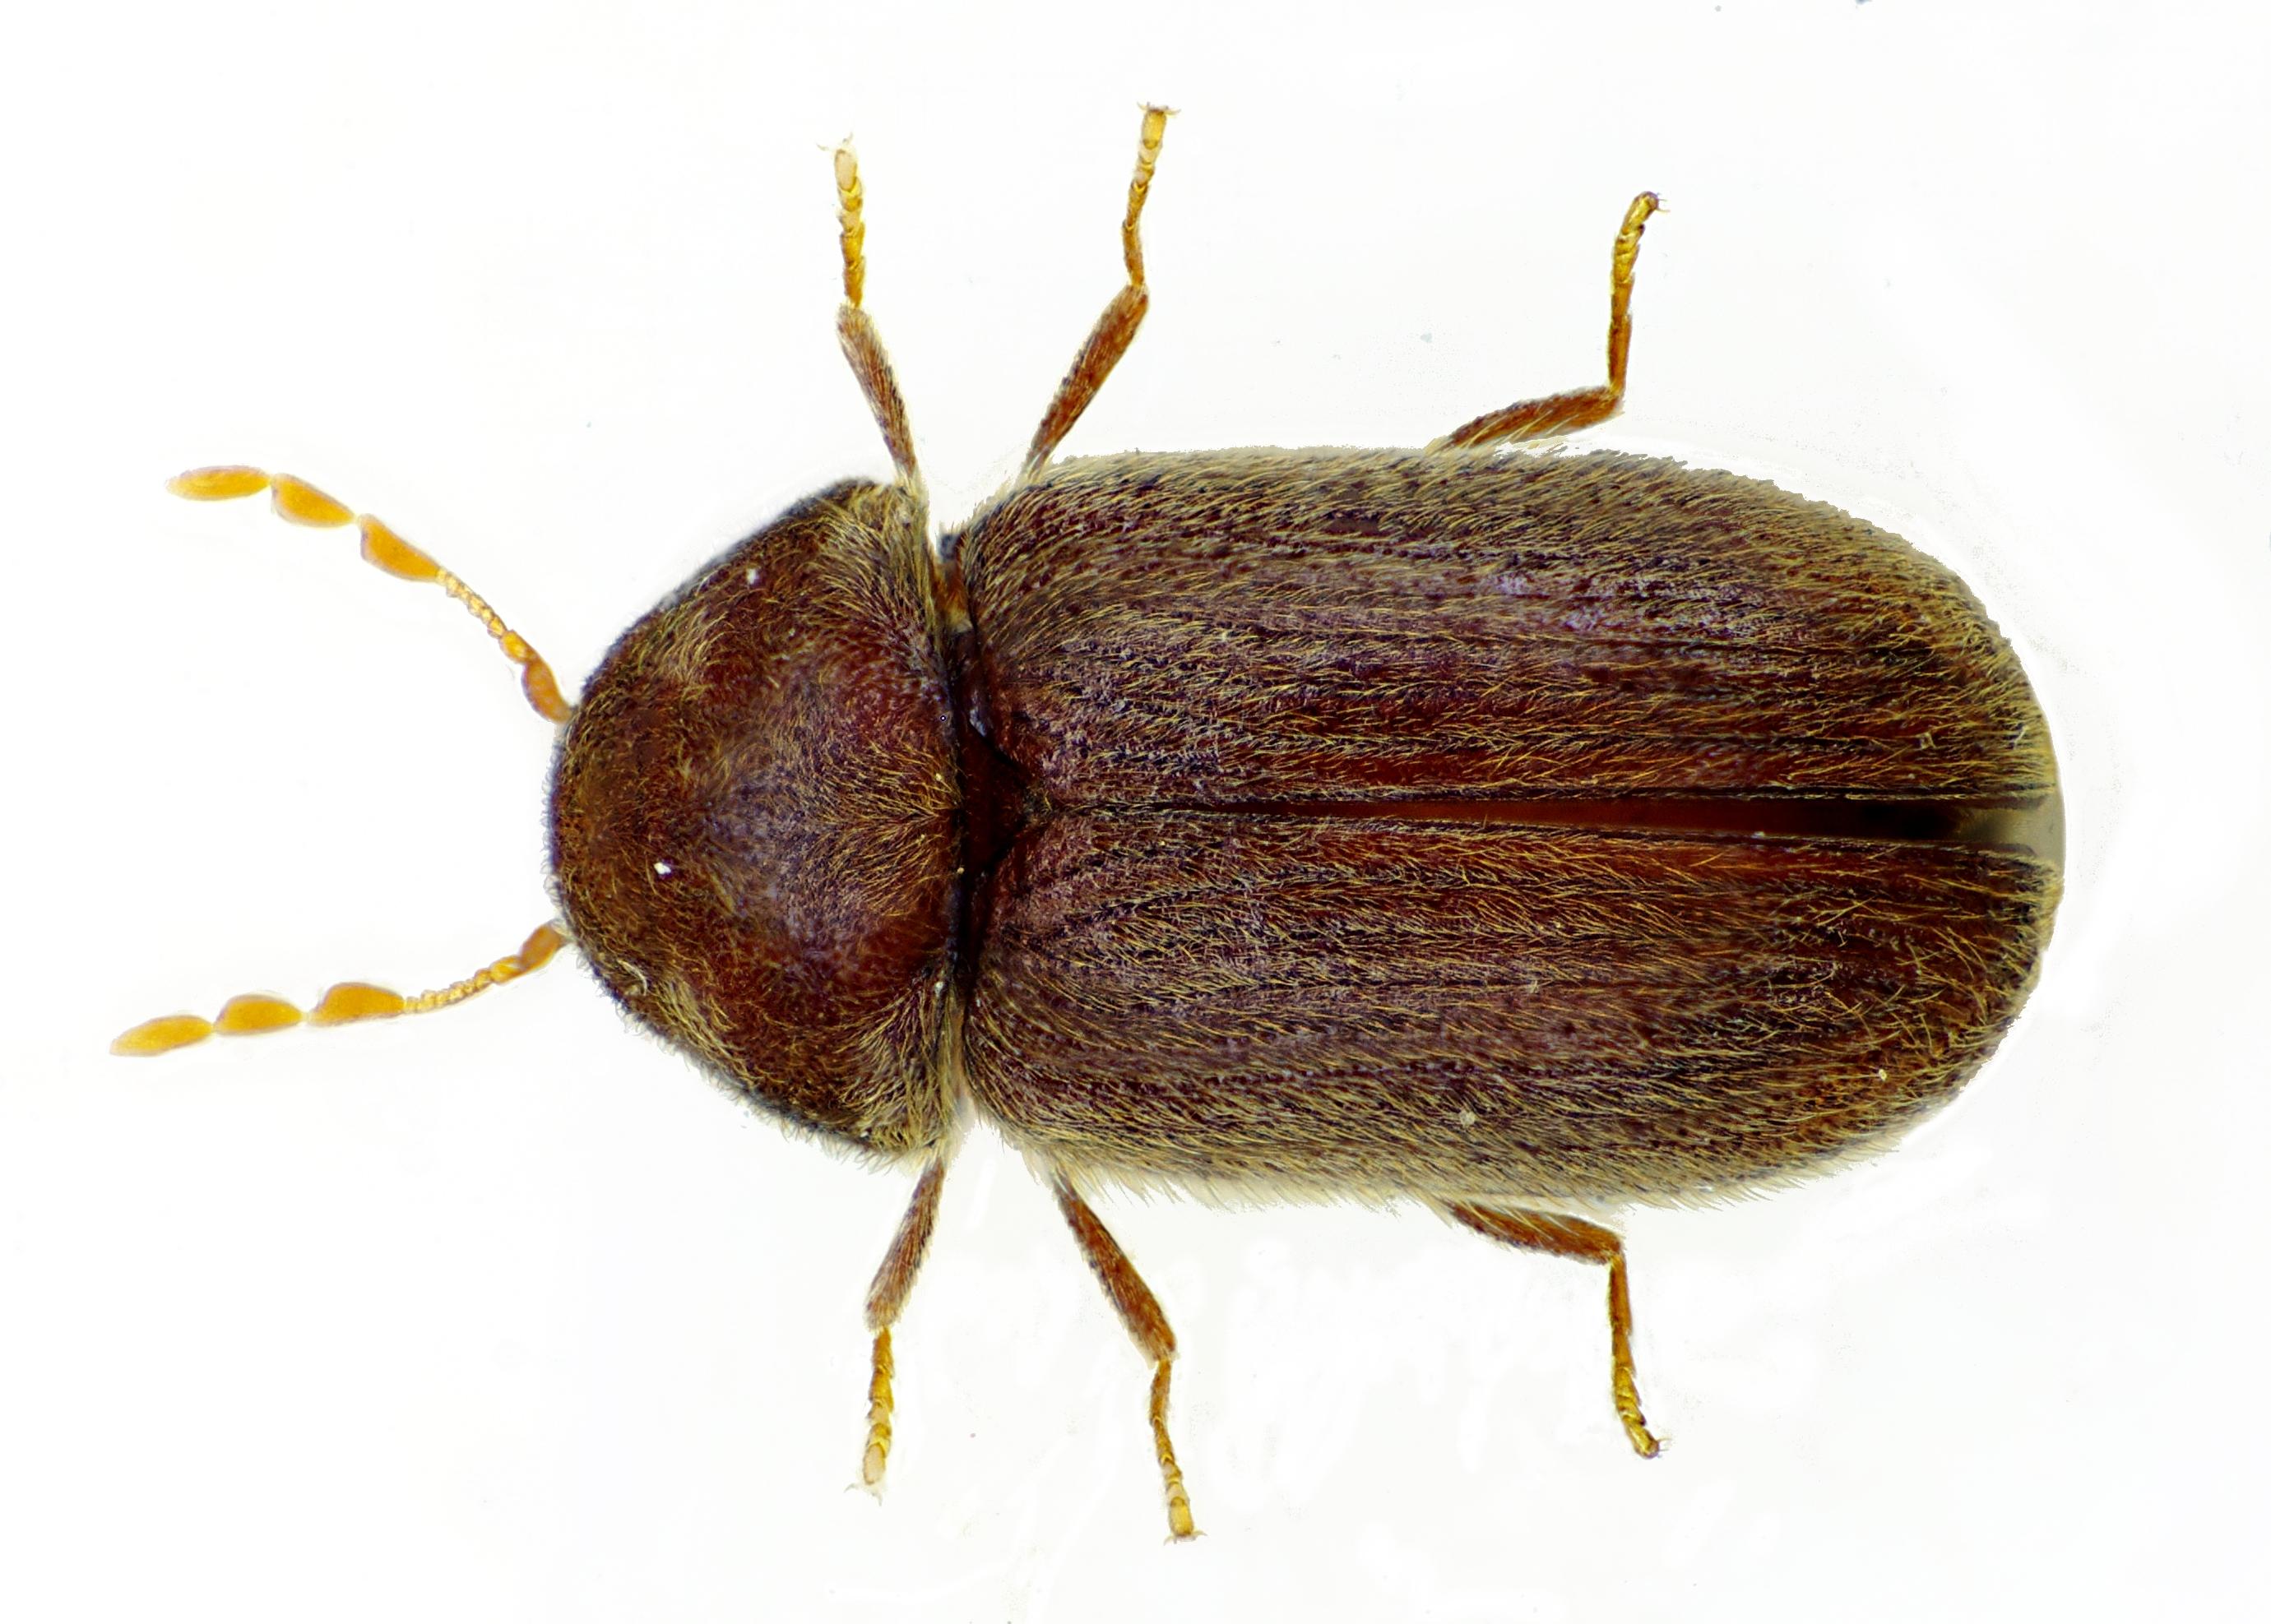 Fil:Stegobium paniceum bl.jpg – Wikipedia